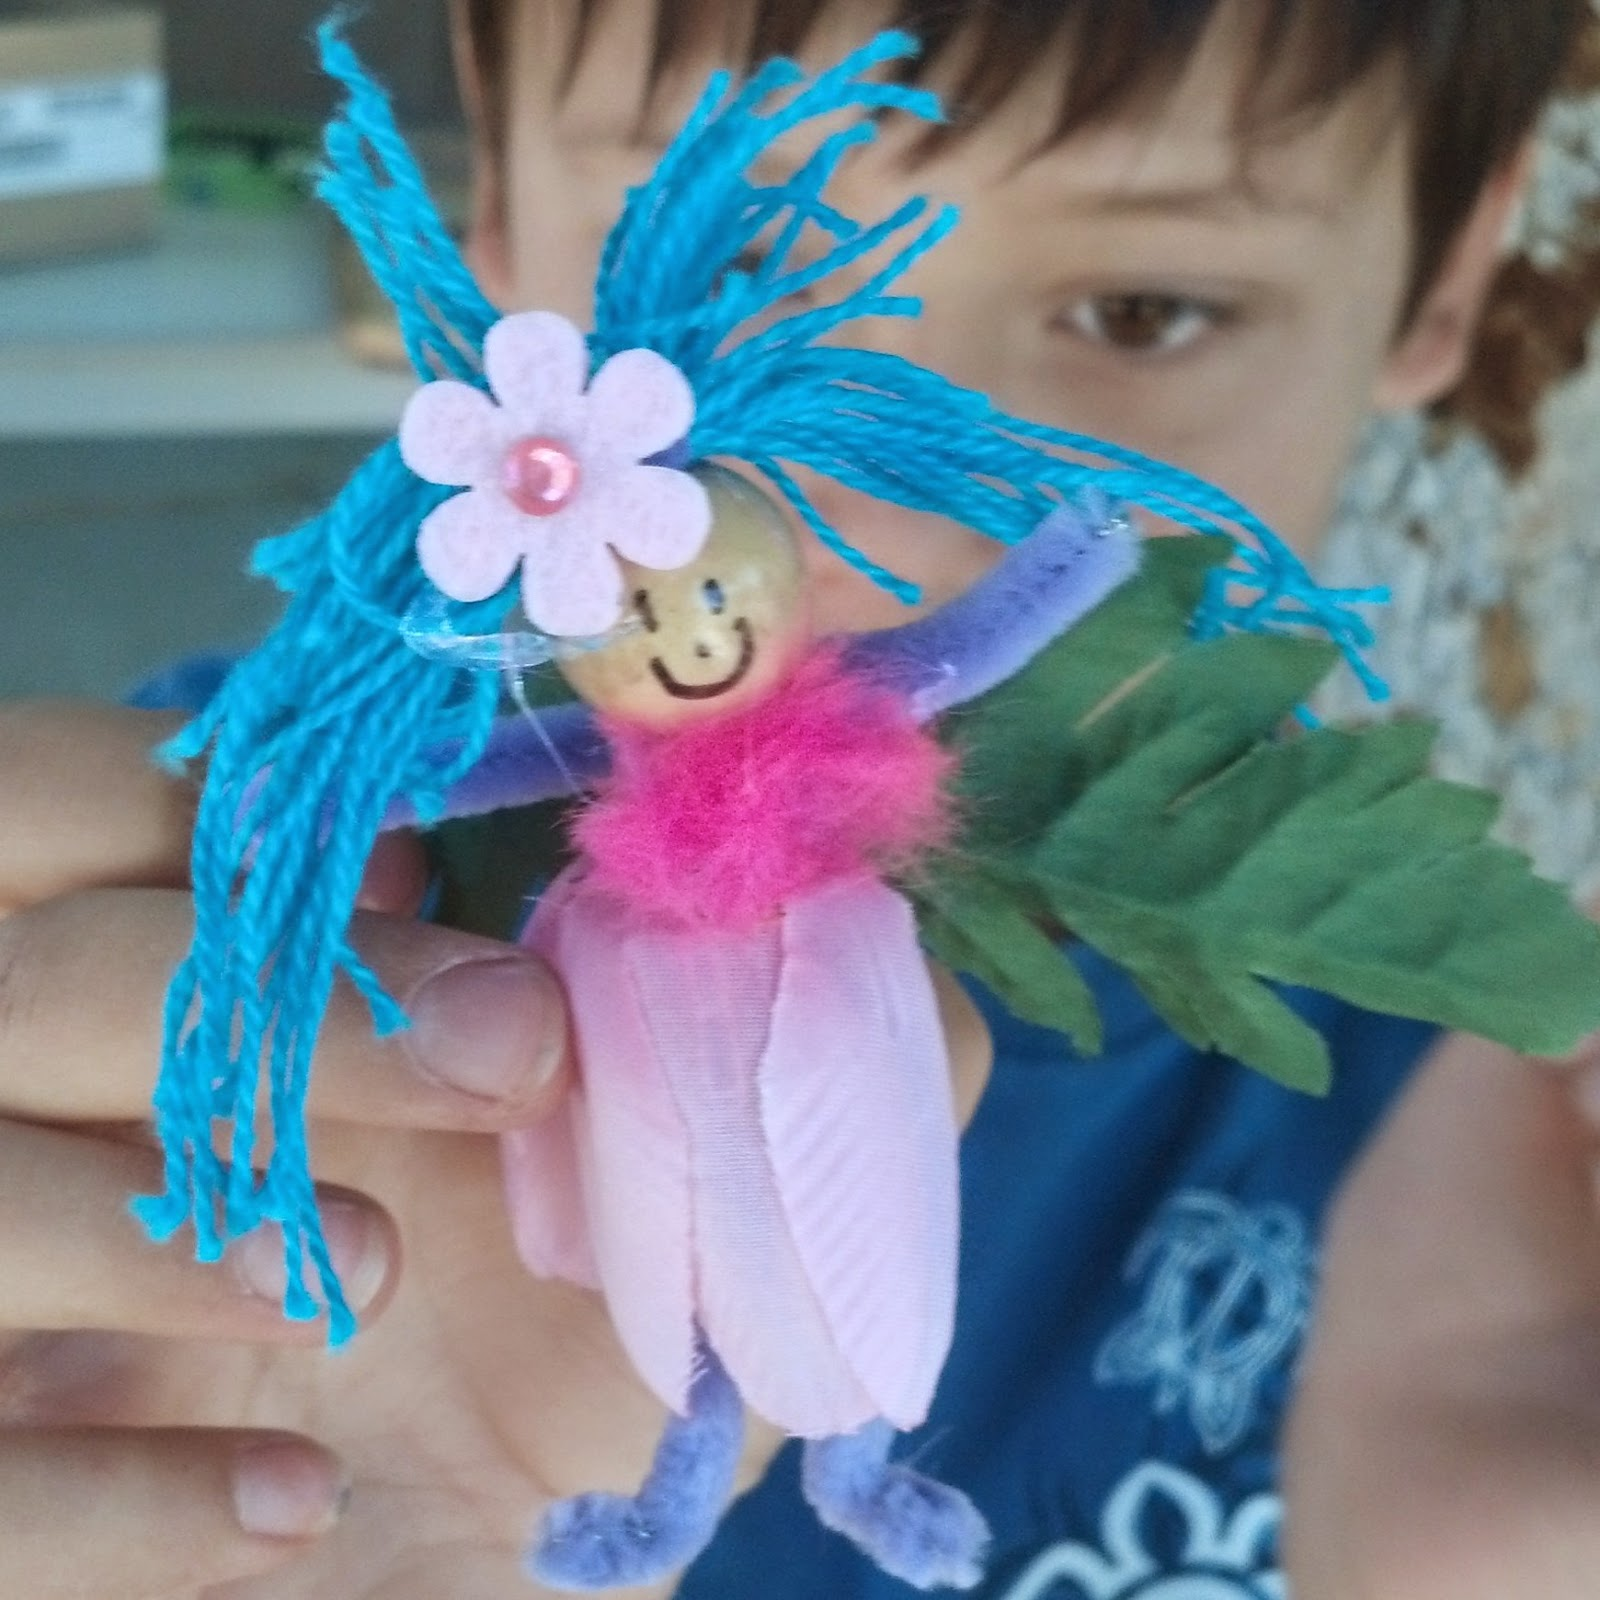 http://2.bp.blogspot.com/-9zcy6jrYa6U/U8F2ZfmI_0I/AAAAAAAAhyU/1wEc9OSuQvg/s1600/blakes+fairy.jpg